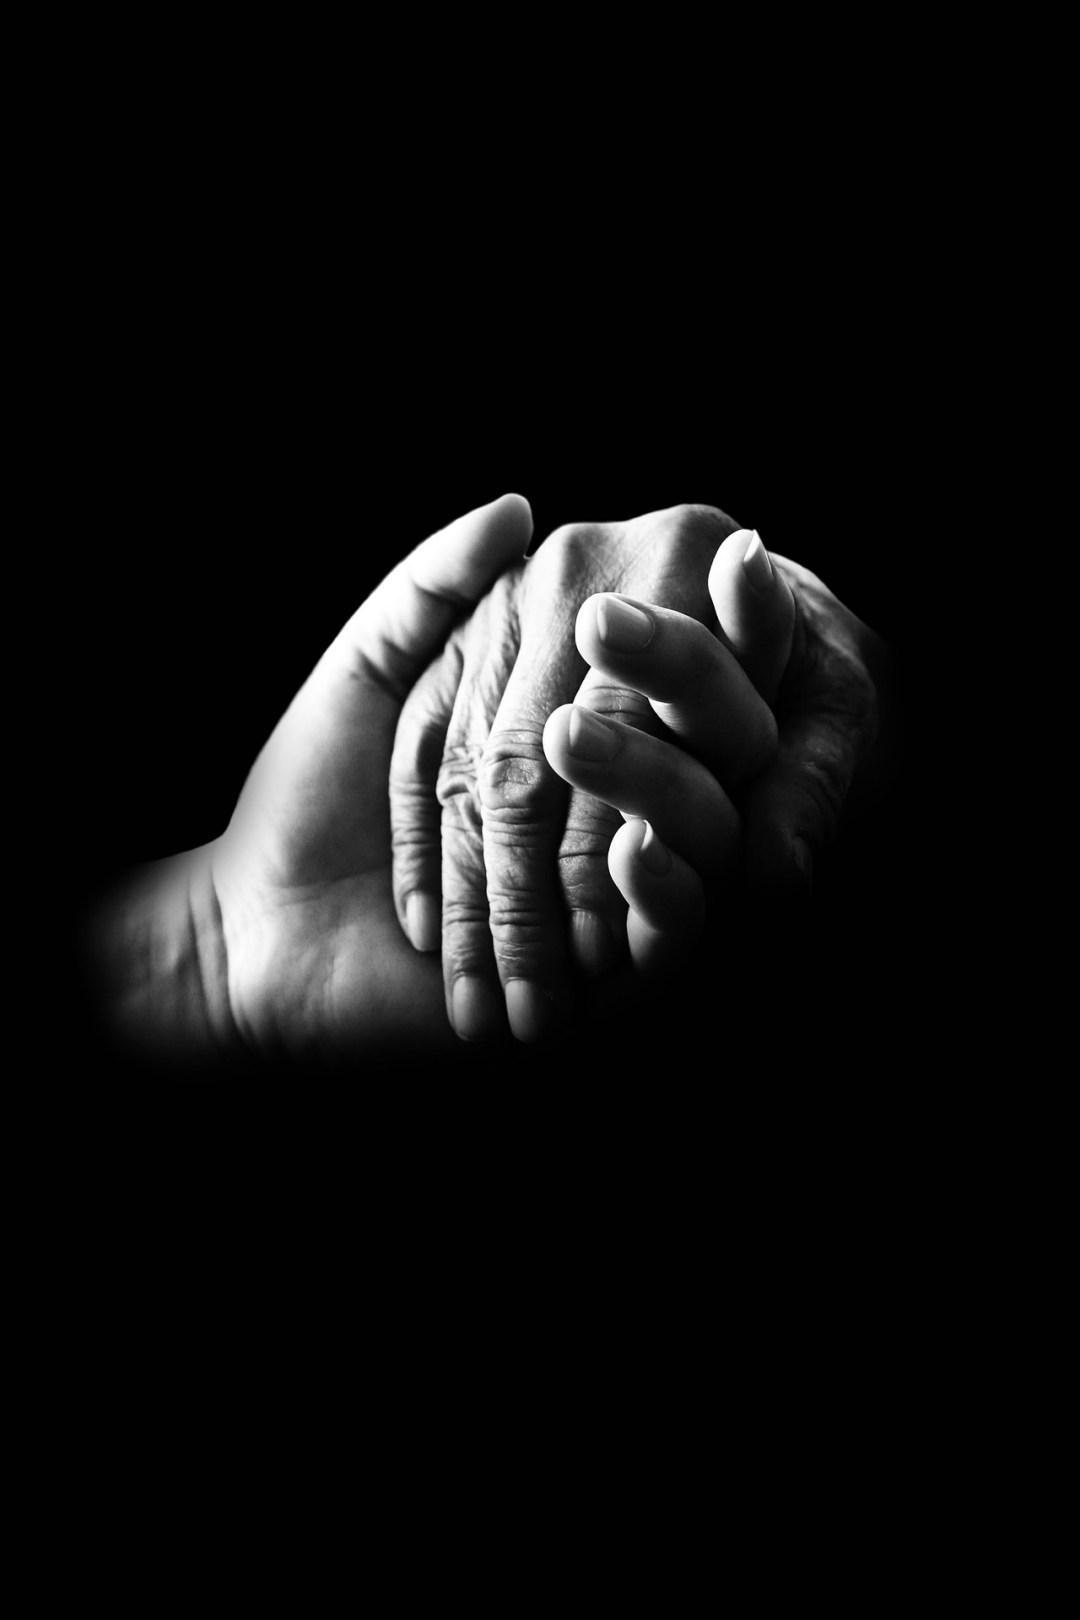 La compassion